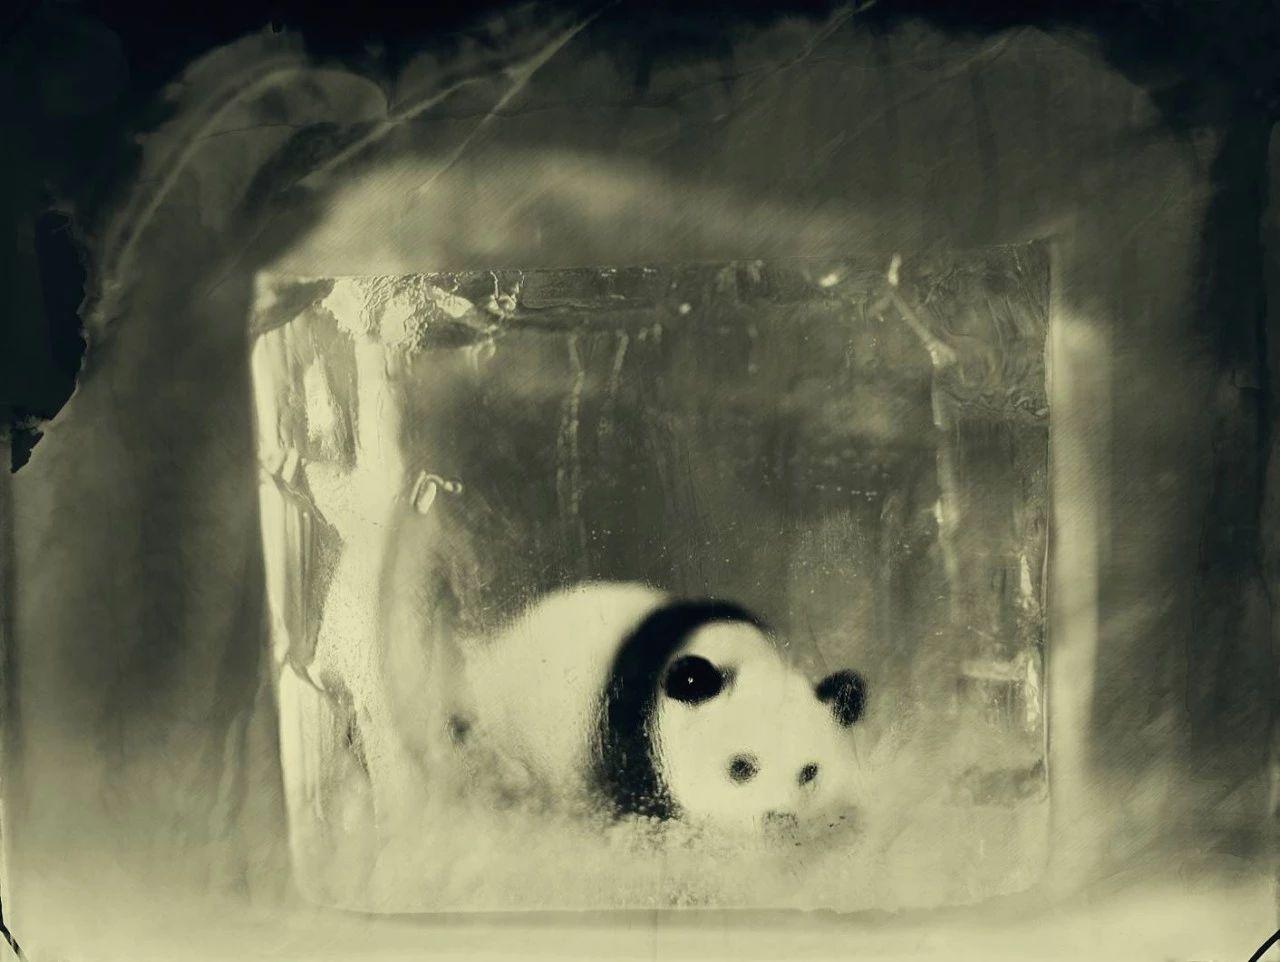 他拍下的动物你一定没见过,照片背后是满满的心酸